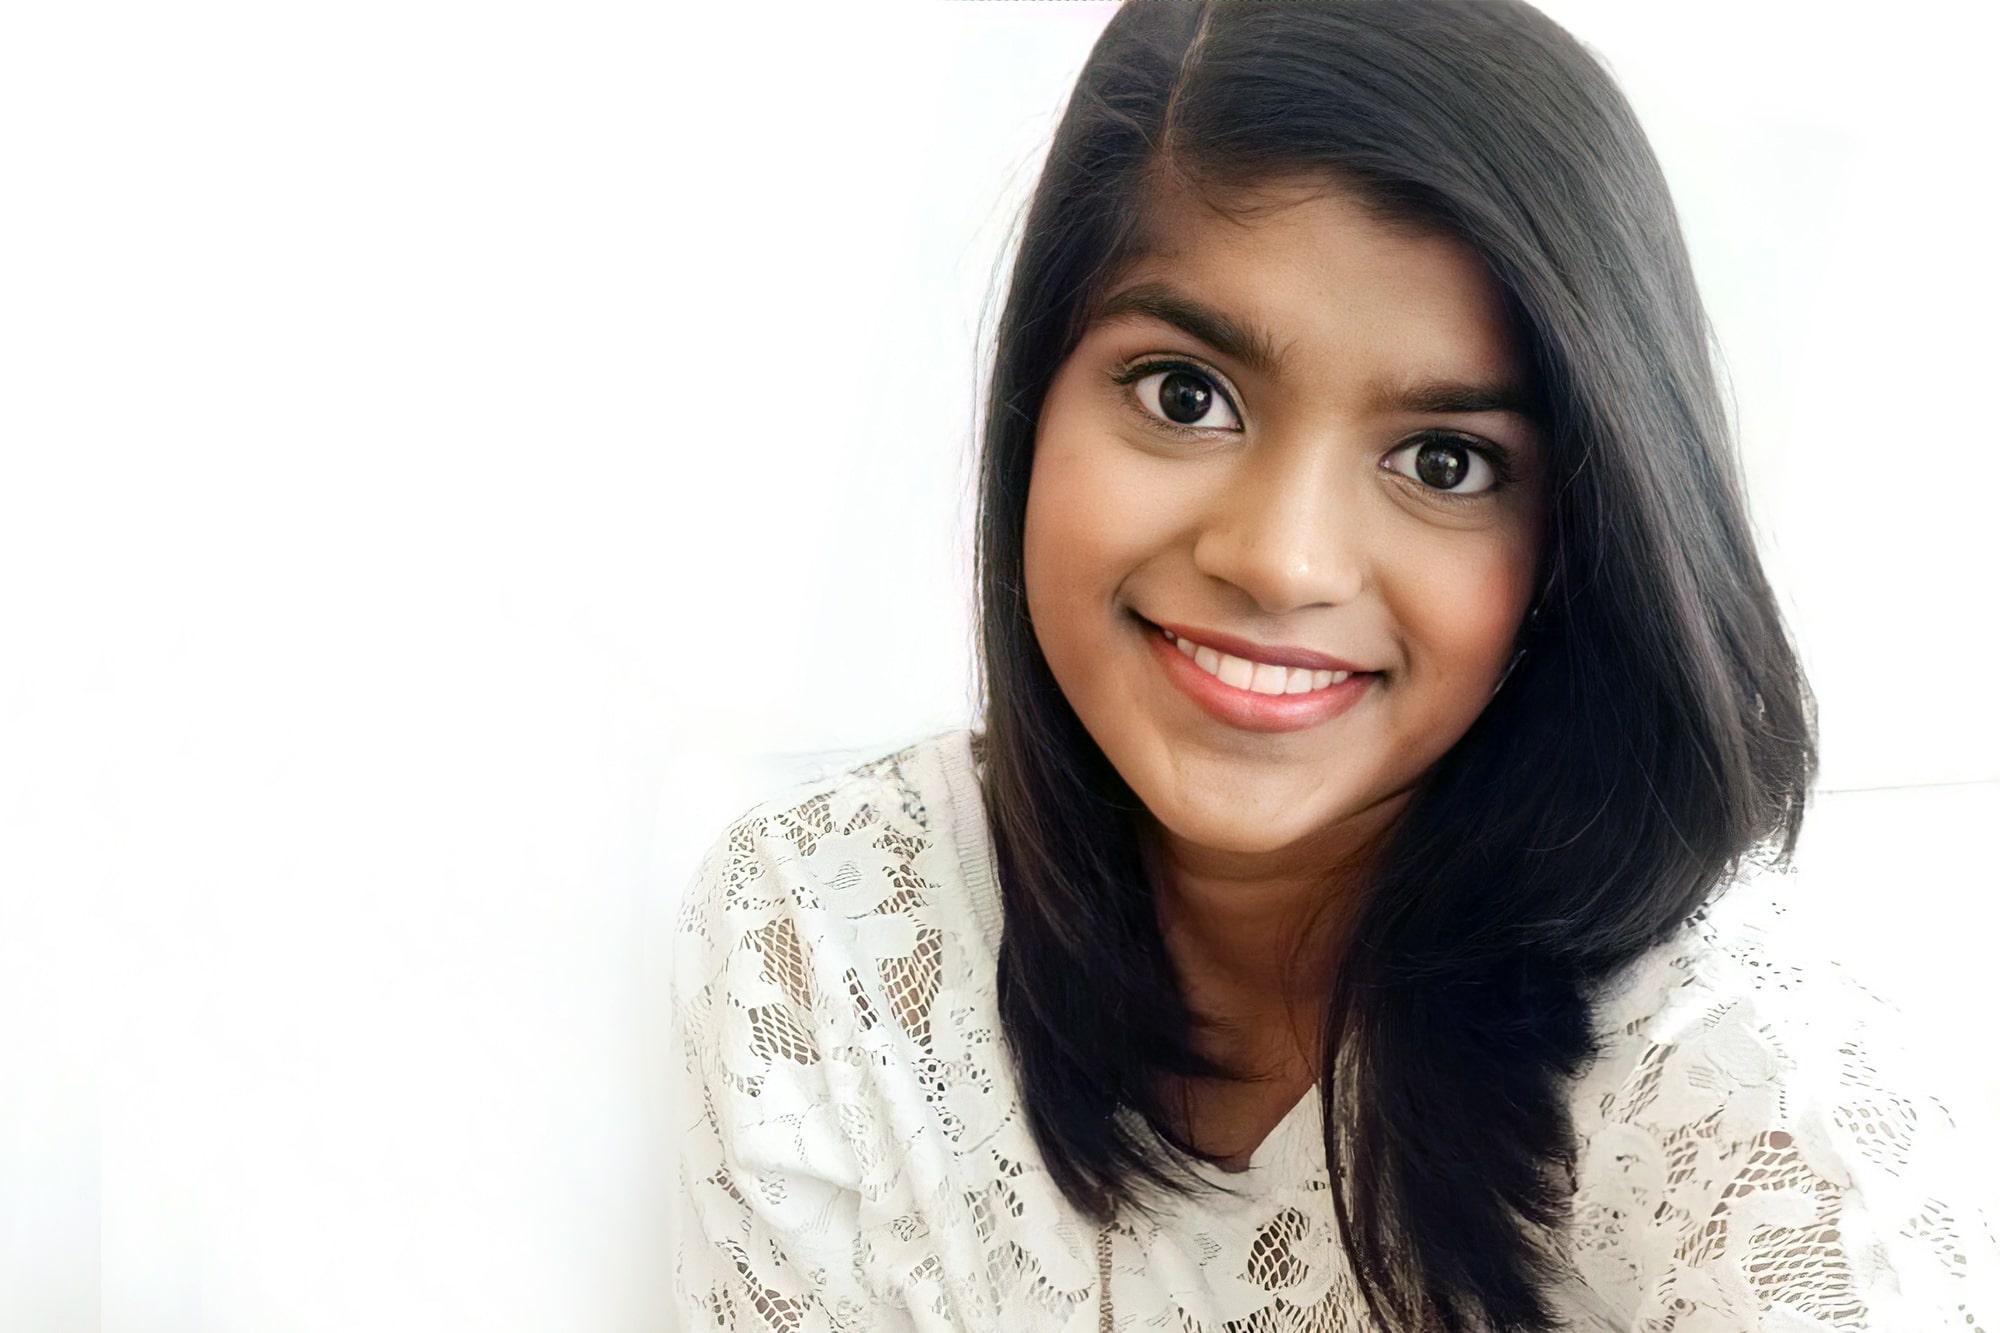 Manaal Mulla from UAE